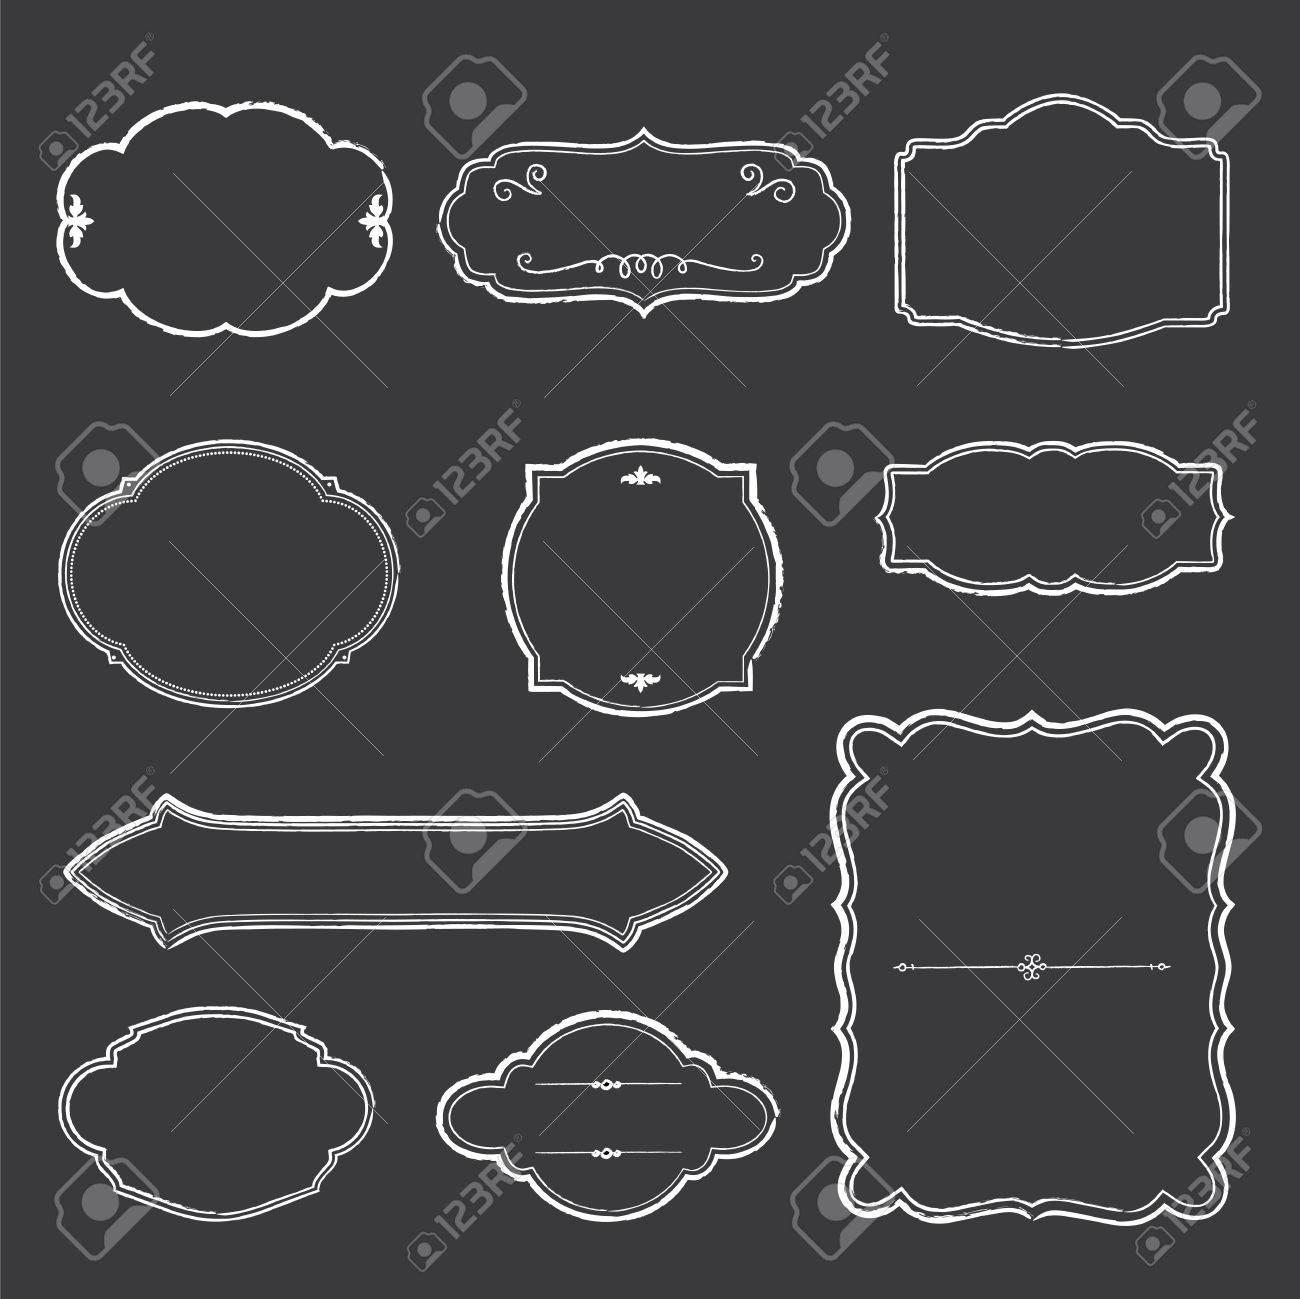 Chalkboard Frames - Set Of Chalk Frames. File Is Layered For ...